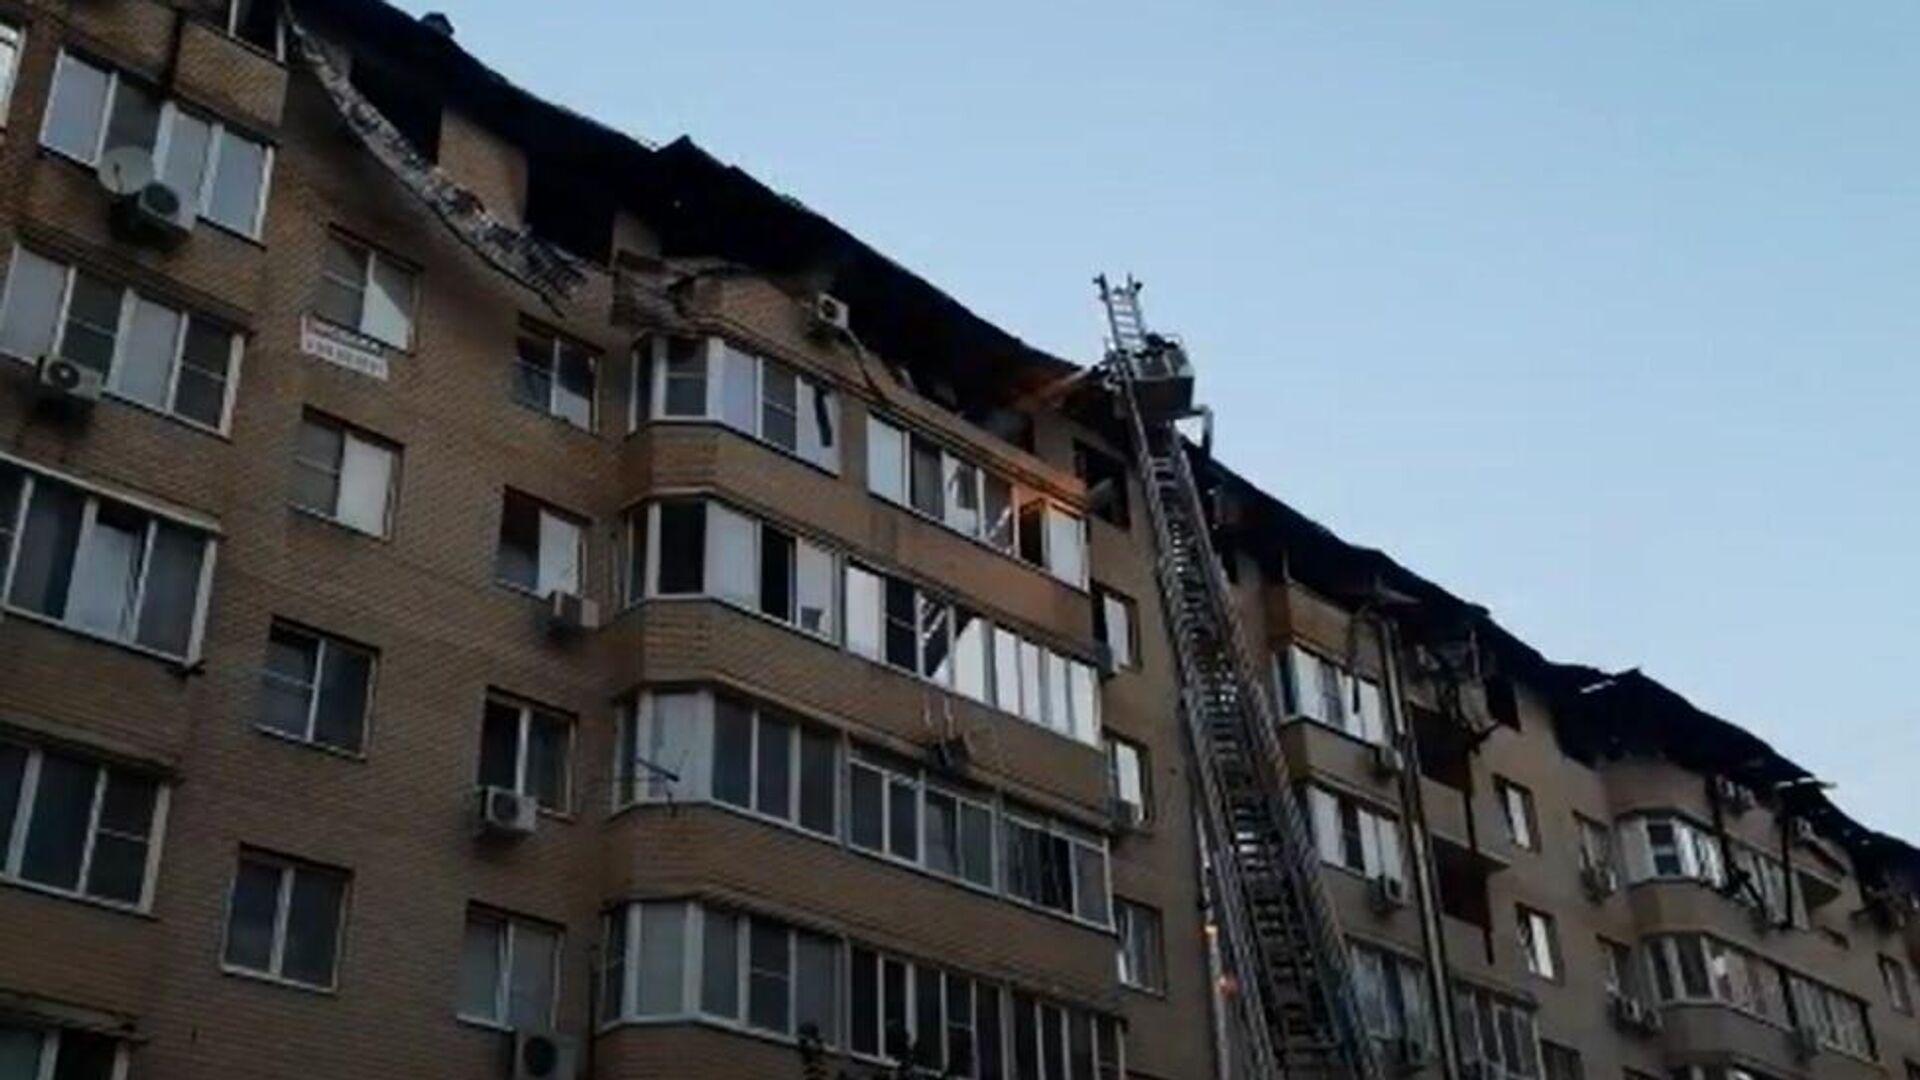 Ликвидация пожара в Краснодаре. 13 сентября 2020 - РИА Новости, 1920, 15.09.2020